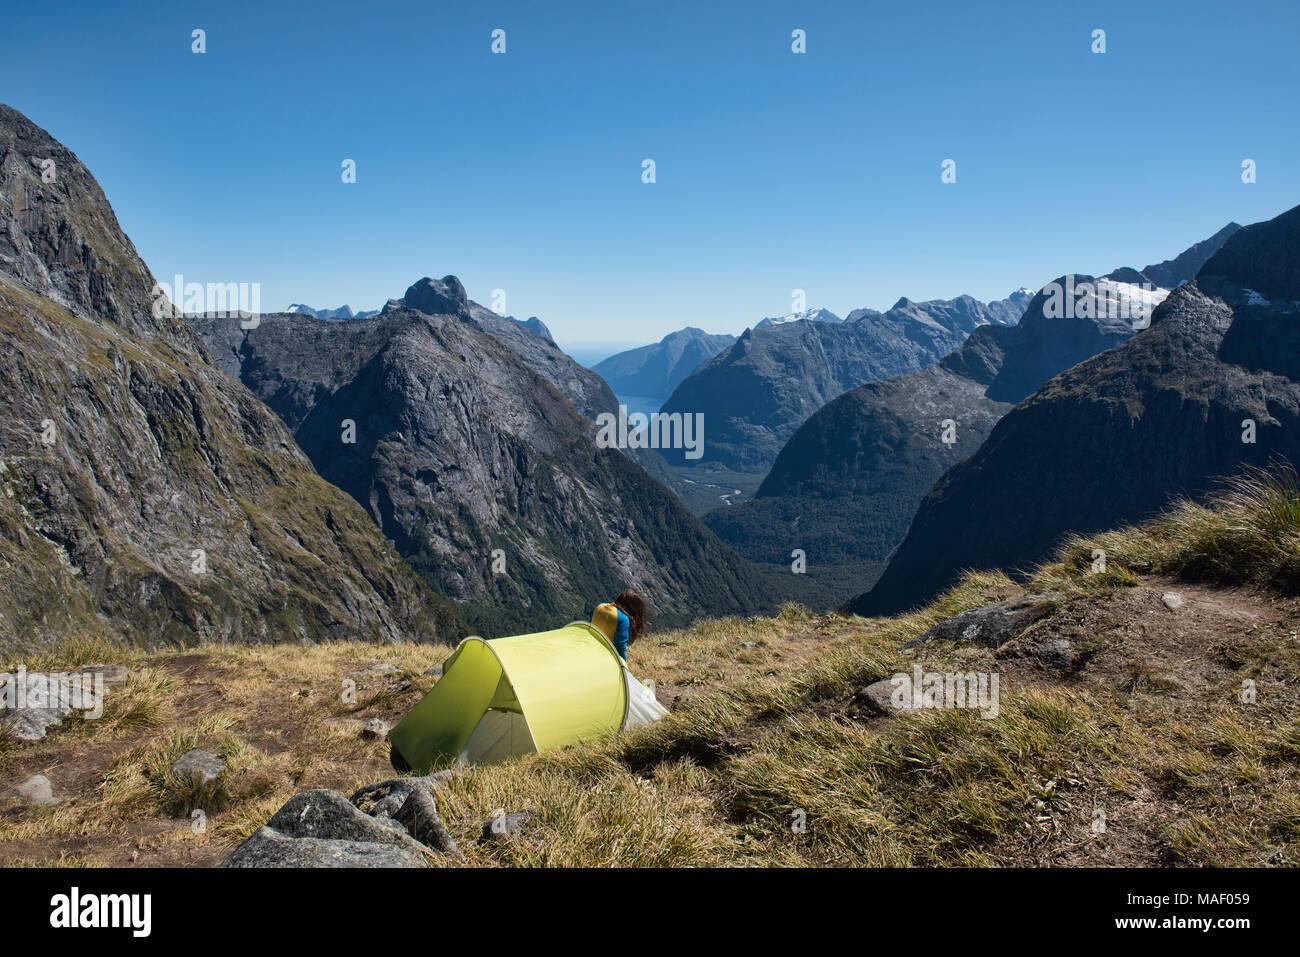 Magnífico camping sobre el sillín, Gertrudis Fjordland, Nueva Zelanda Imagen De Stock